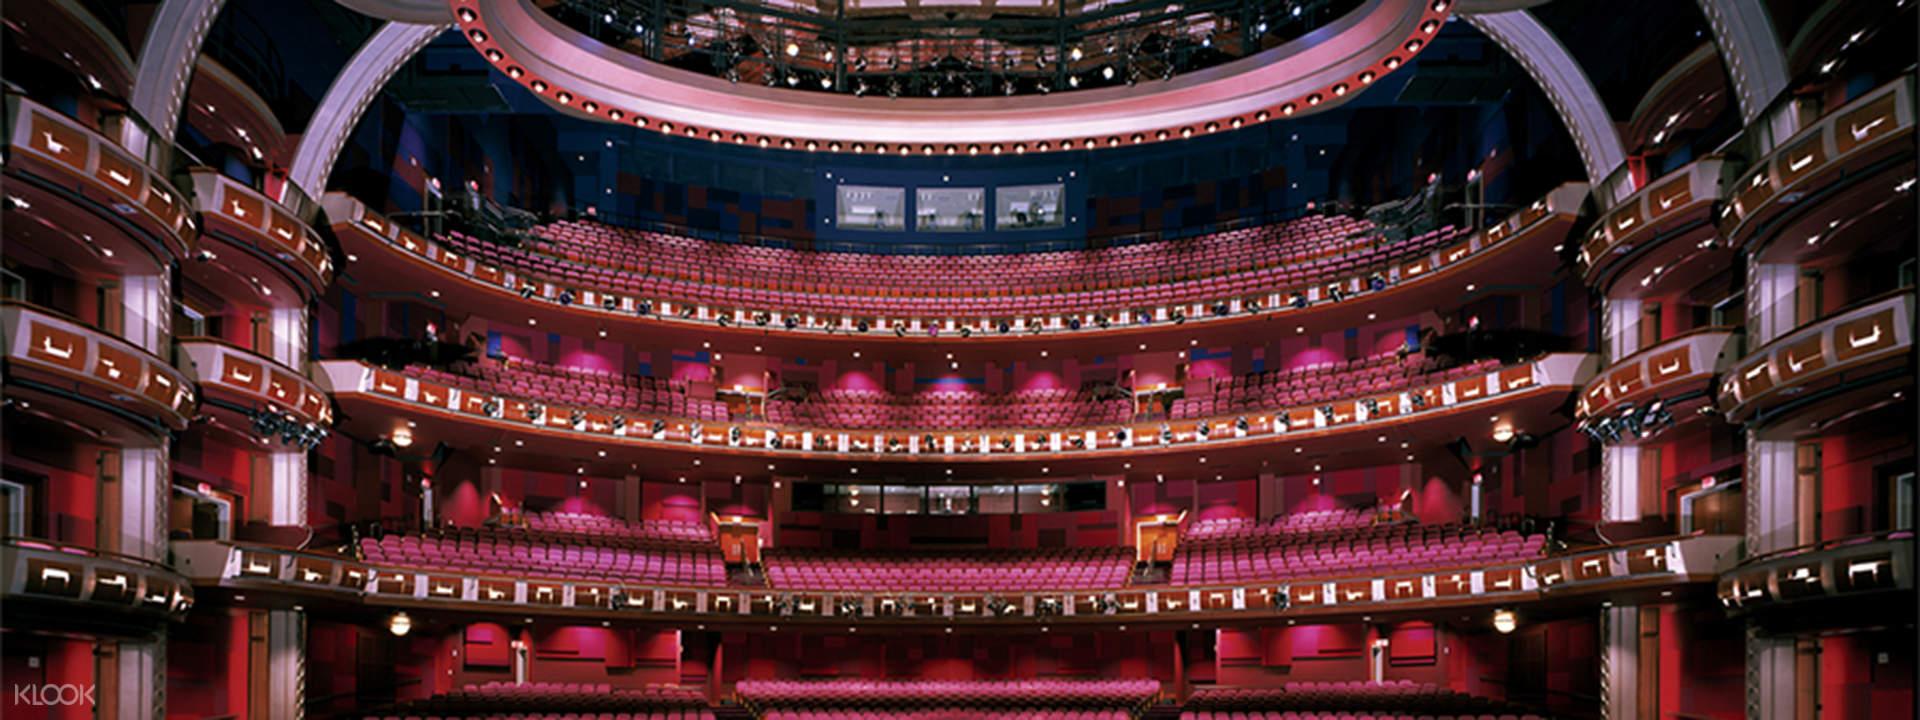 杜比劇院(柯達劇院)門票 - KLOOK客路